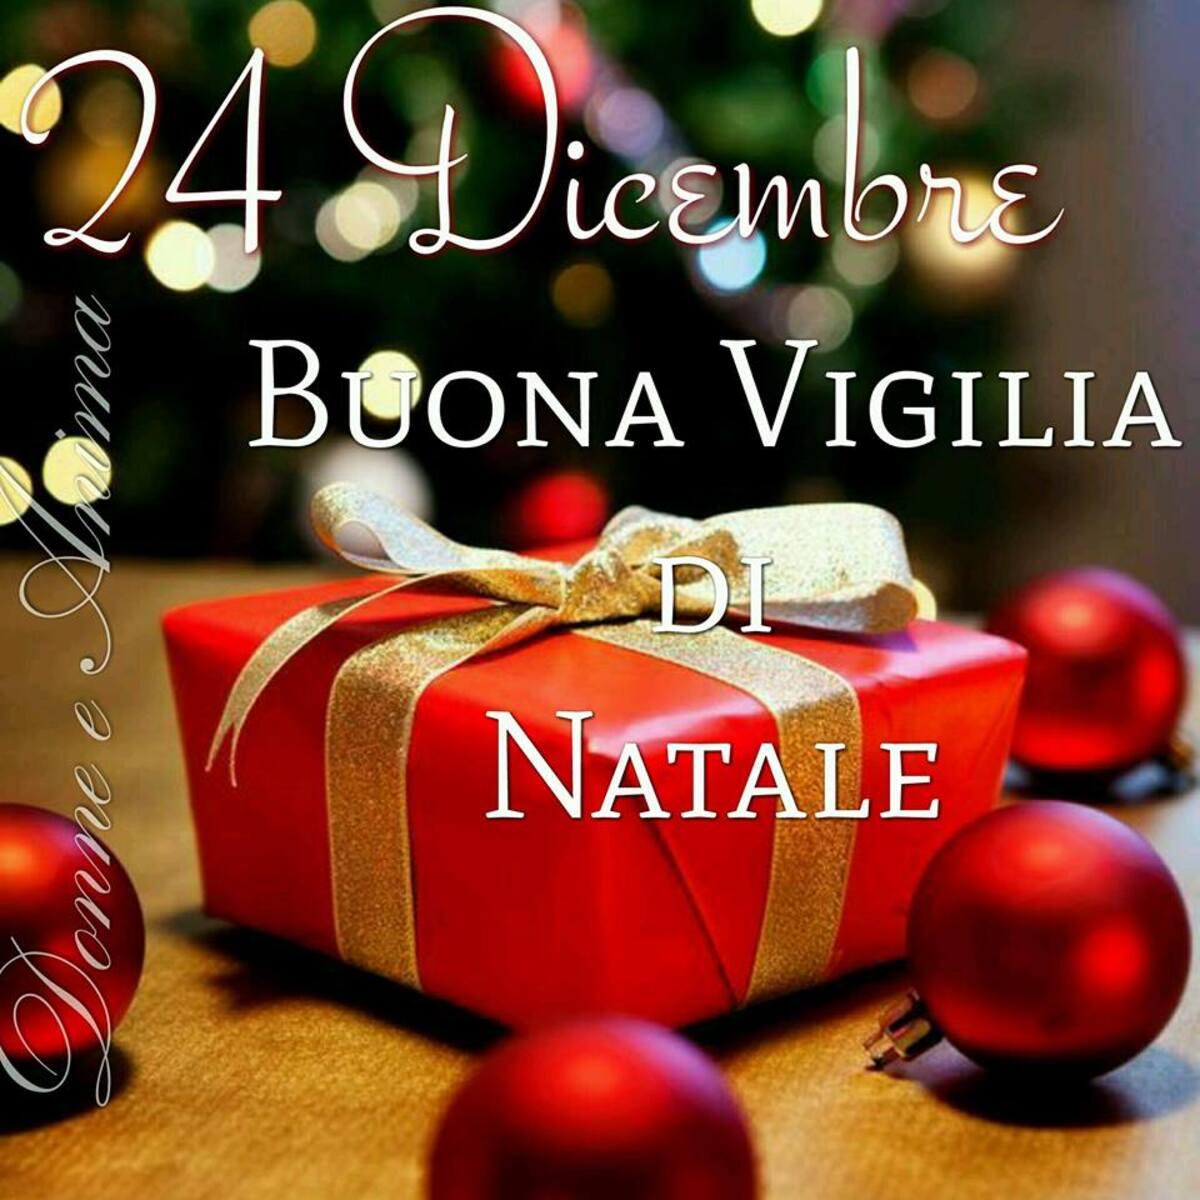 24 Dicembre Buona Vigilia di Natale